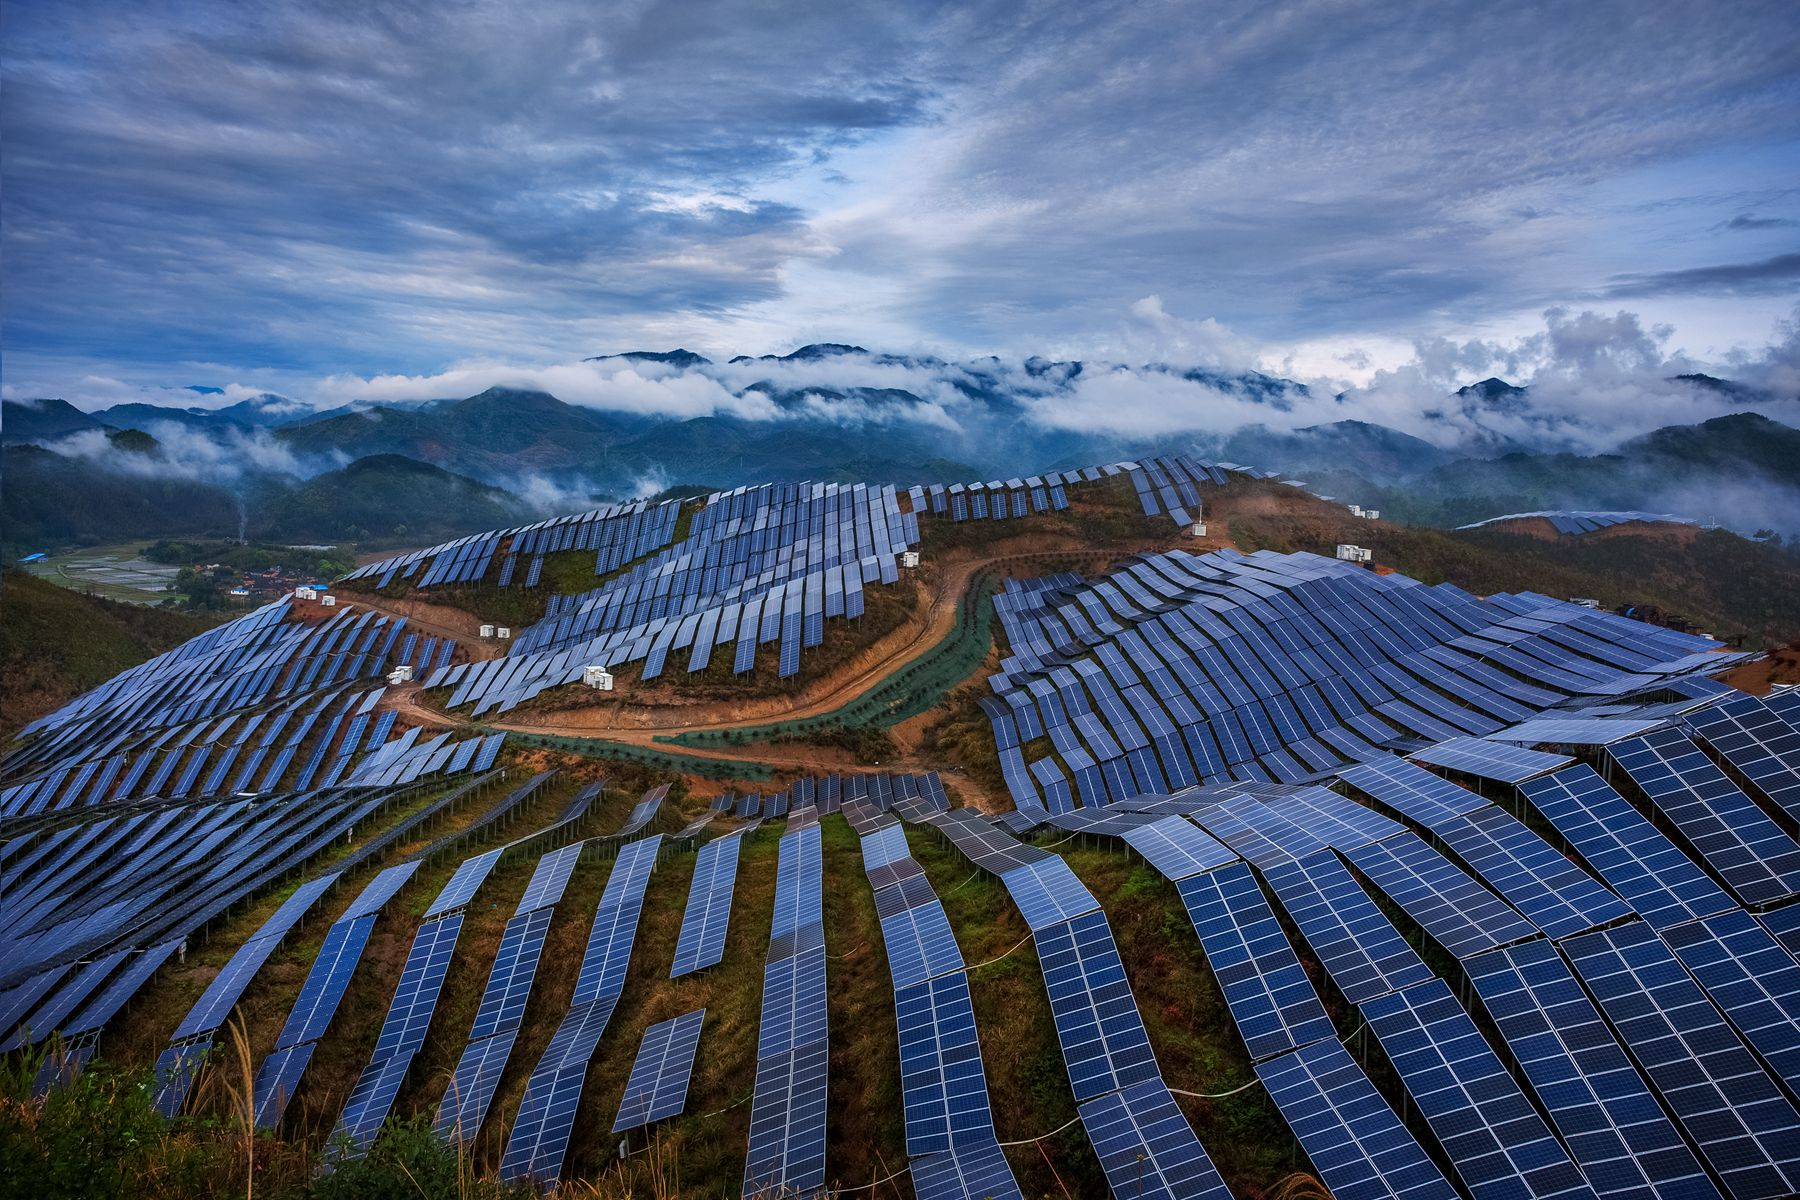 8.3兆瓦!北京最大单体分布式光伏电站并网发电!